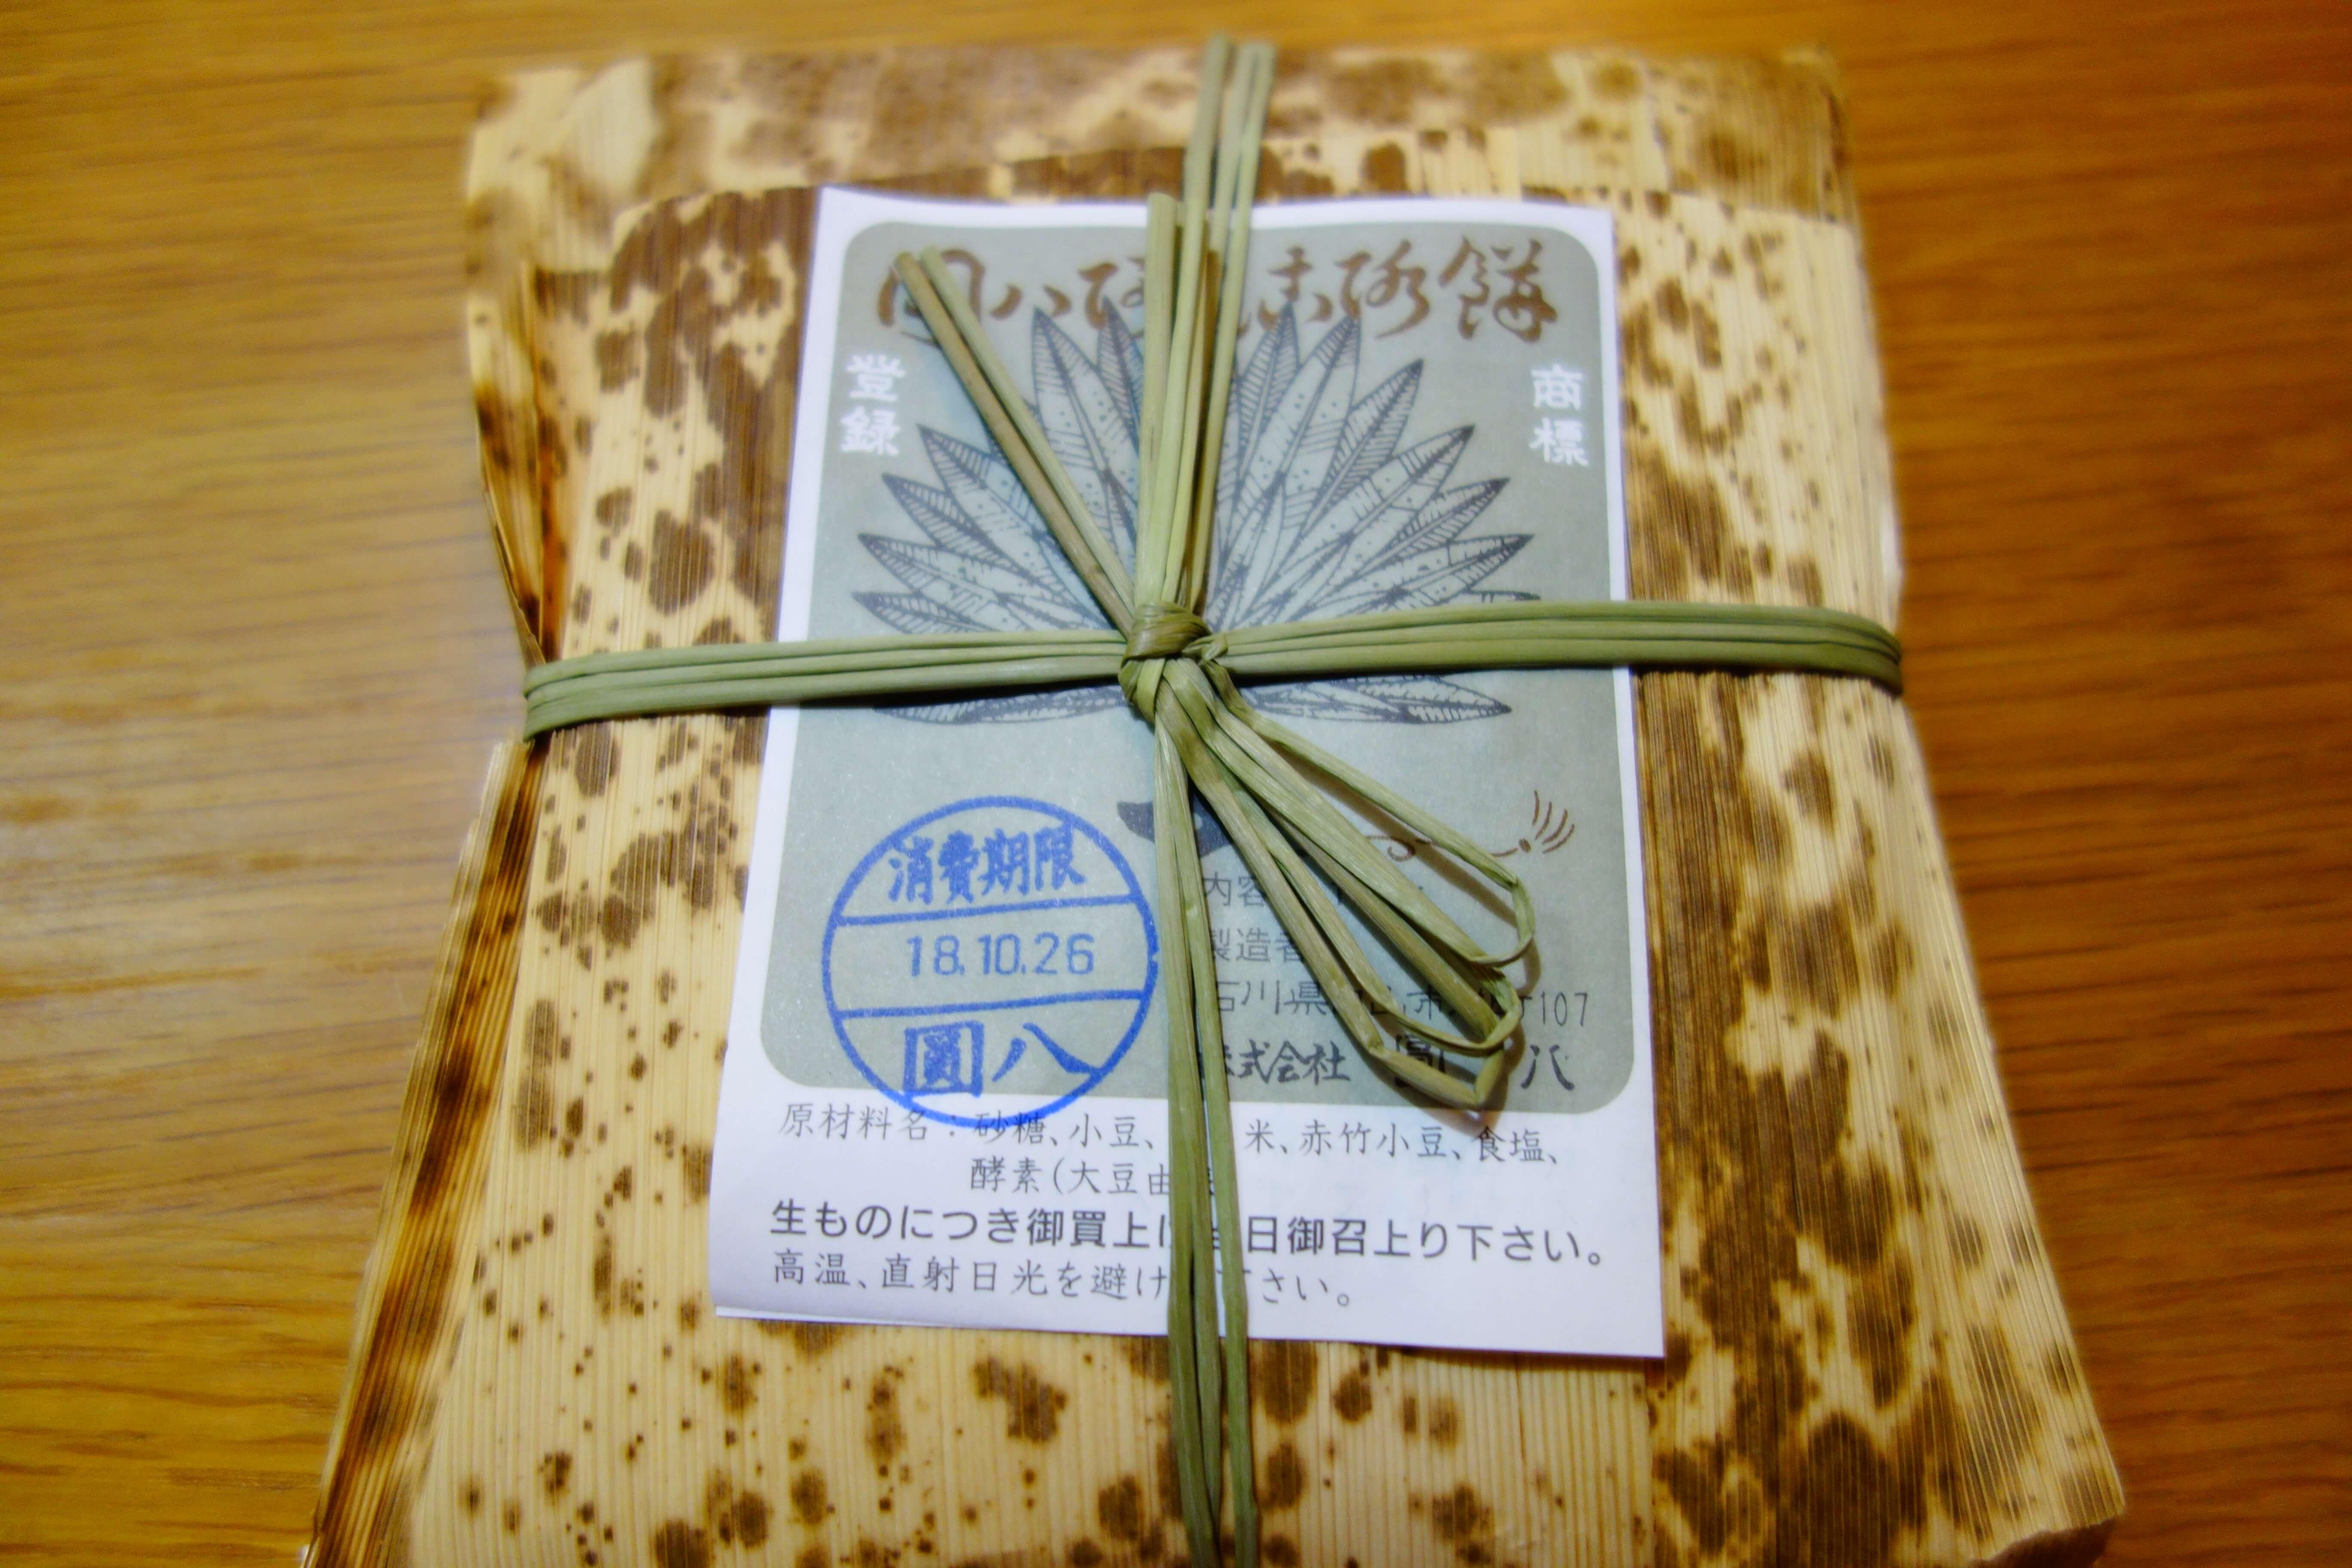 園八あんころ餅|石川県のマストなお土産!上品なあんことモッチモチなお餅